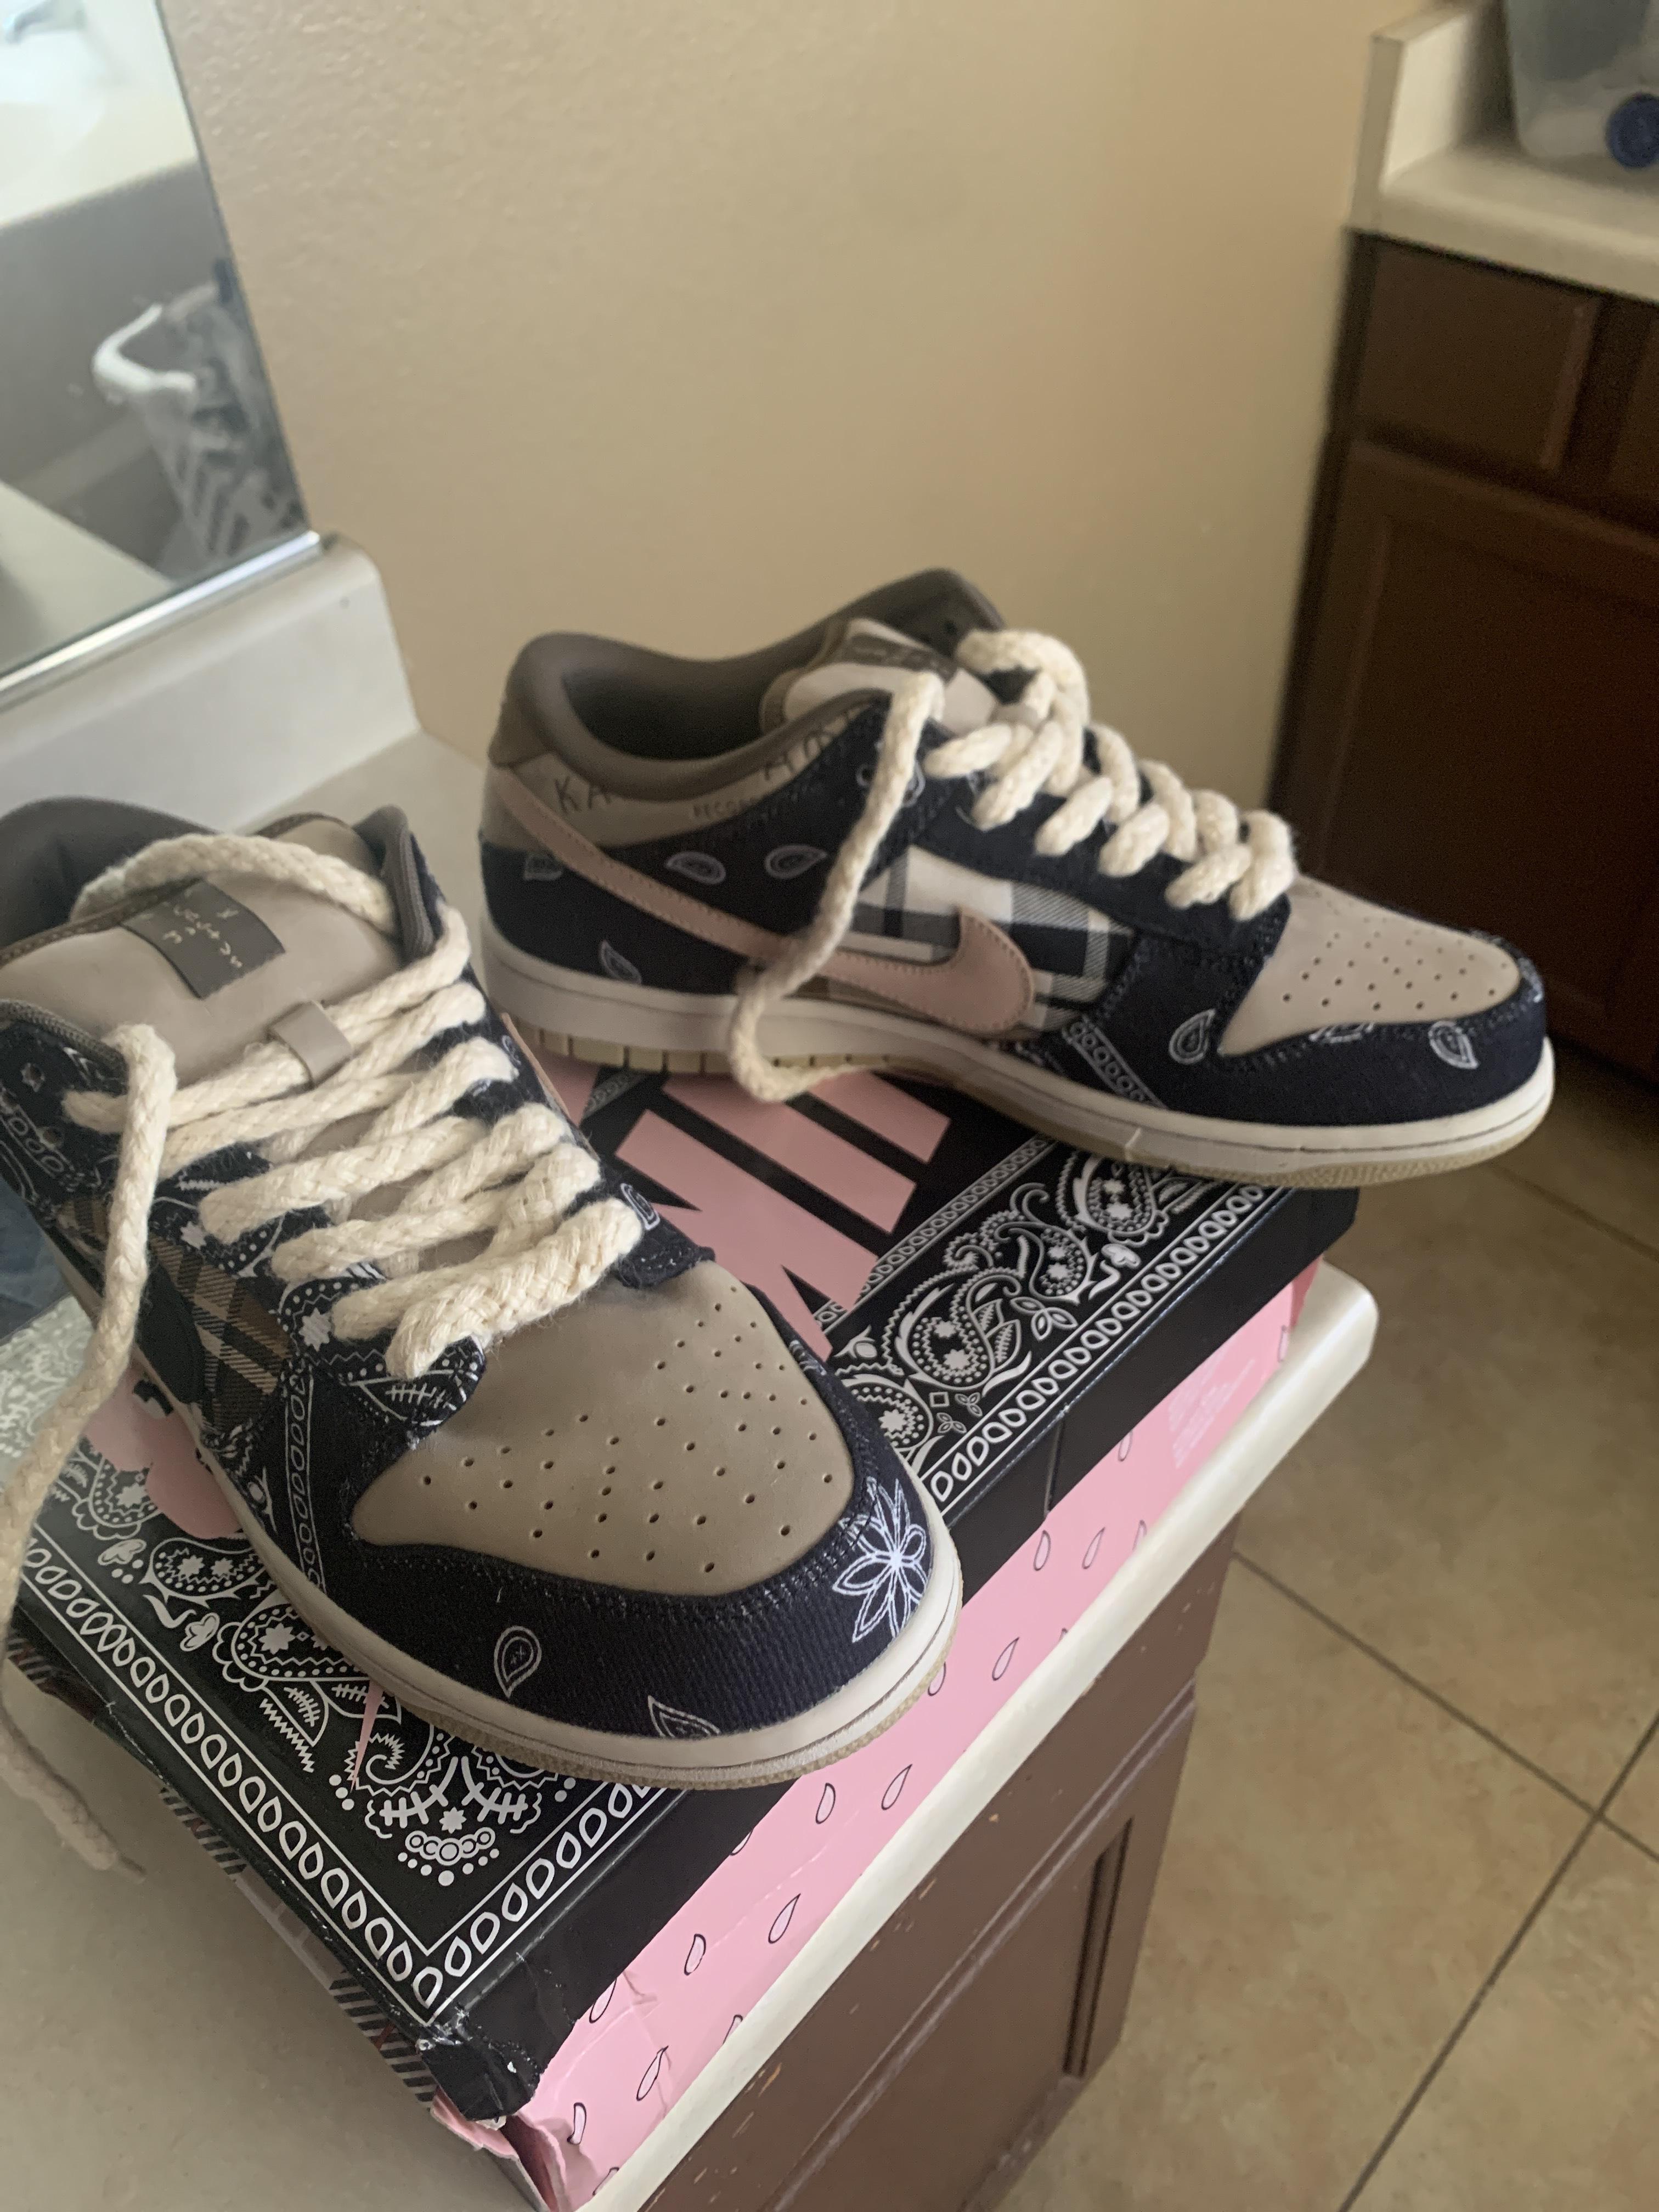 Nike - $800 - Size 11